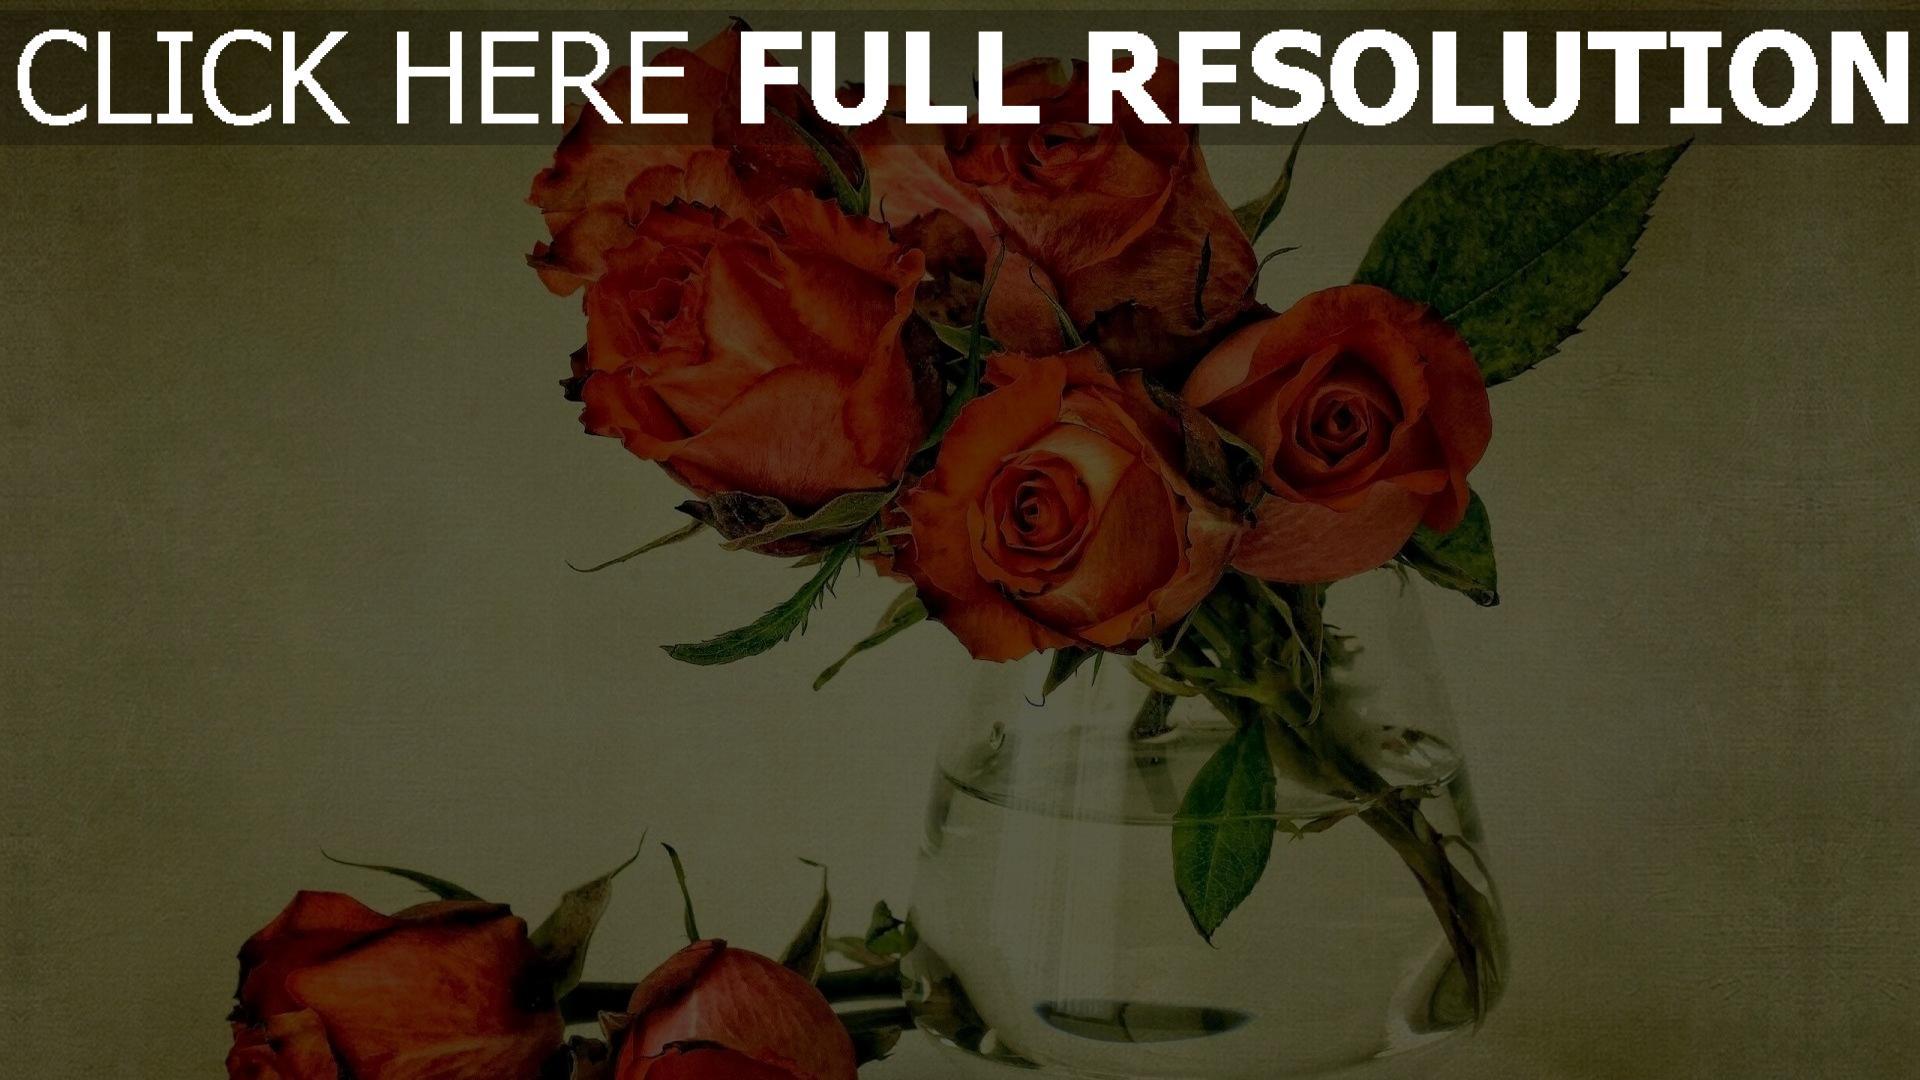 herunterladen 1920x1080 full hd hintergrundbilder rosen strau vase sch n vintage stil 1080p. Black Bedroom Furniture Sets. Home Design Ideas